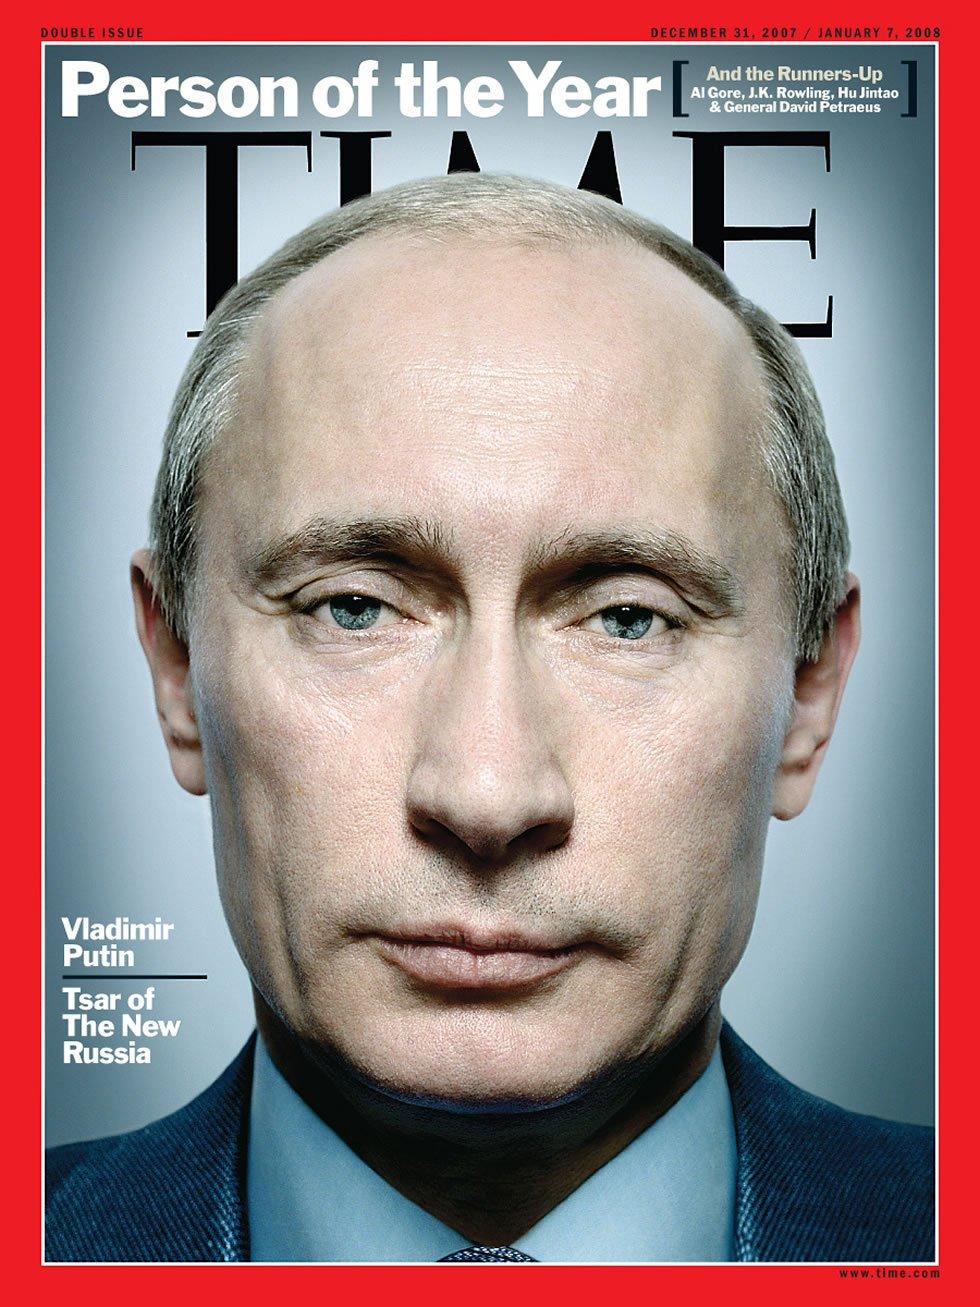 Primer ruso elegido como persona del año en 'Time'